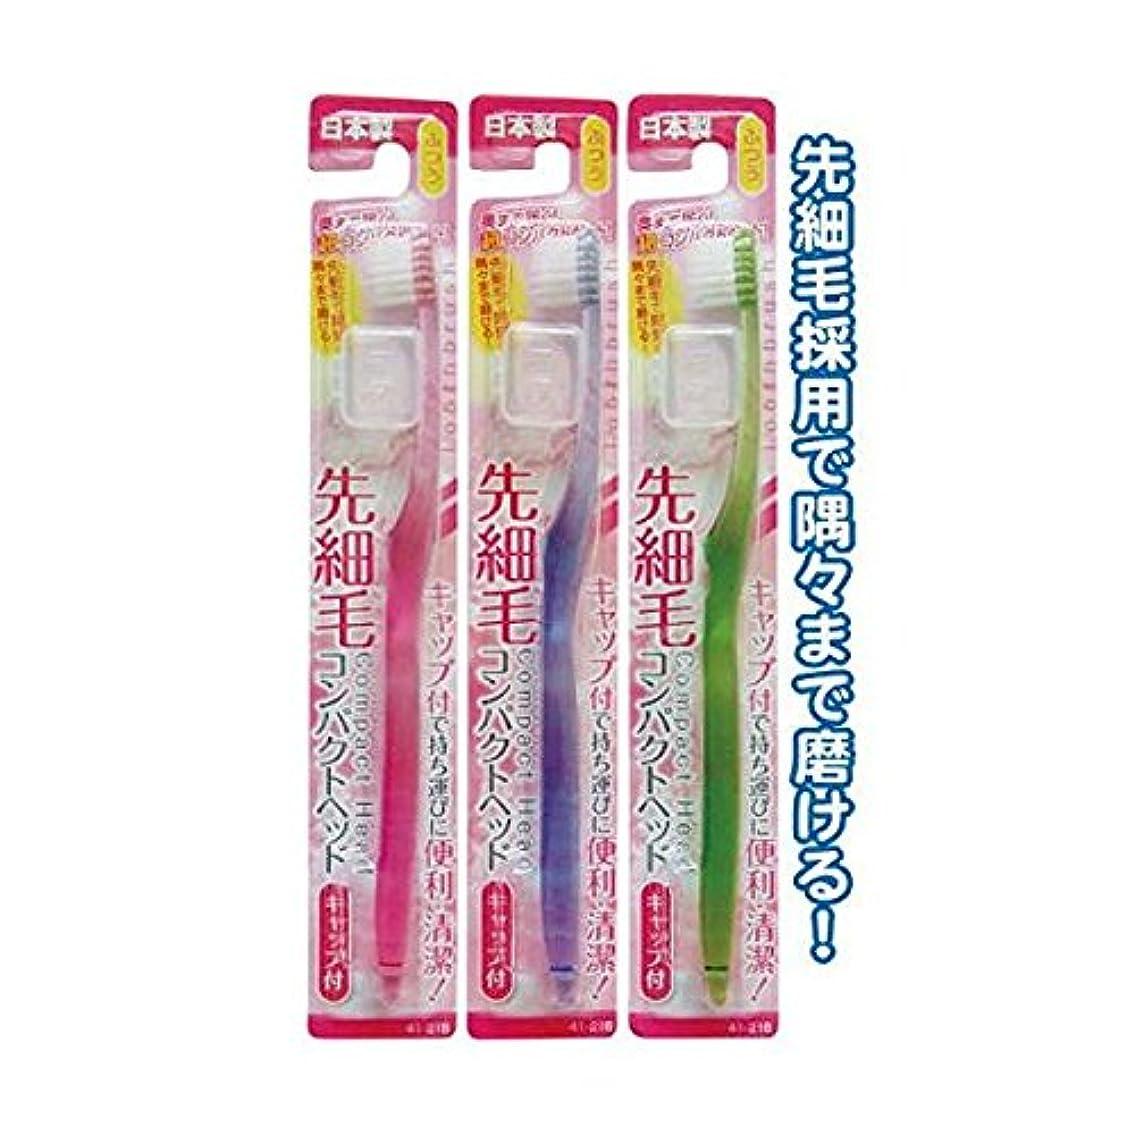 締め切り異なる怠コンパクトヘッドキャップ付歯ブラシ先細ふつう日本製 [12個セット] 41-218